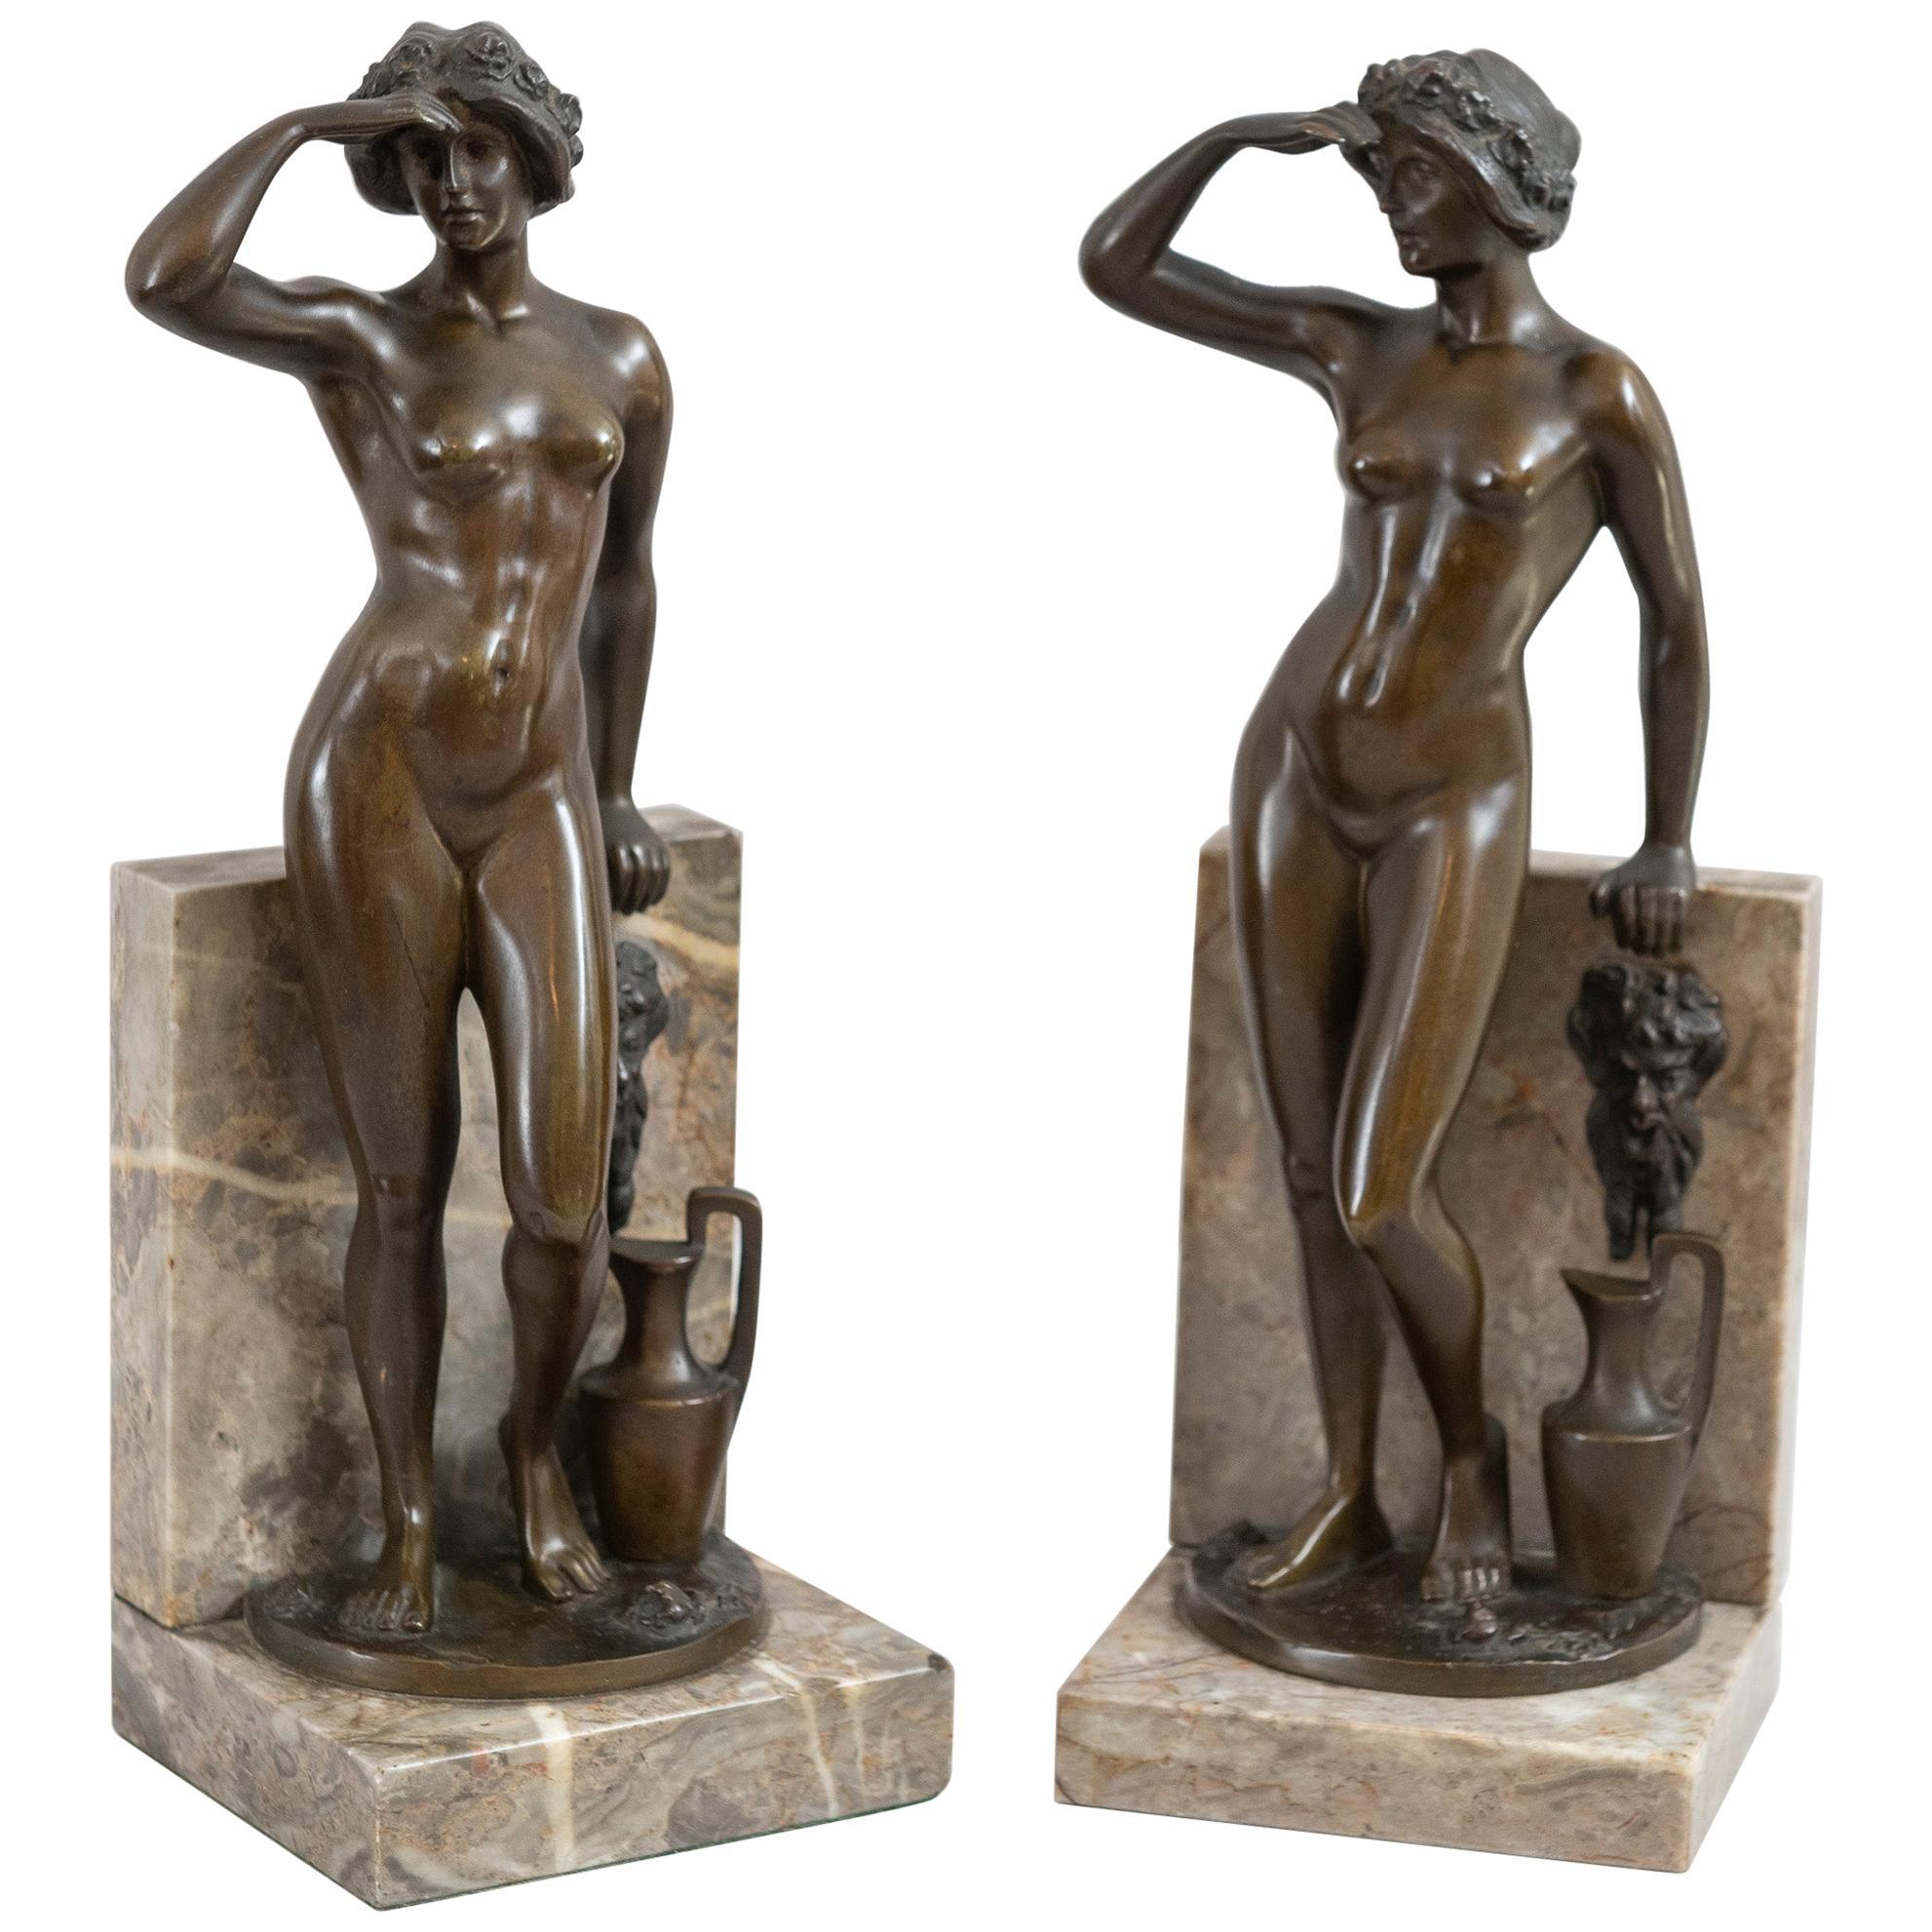 Antique Art Deco/Nouveau Pair of German Bronze & Marble Bookends, Signed